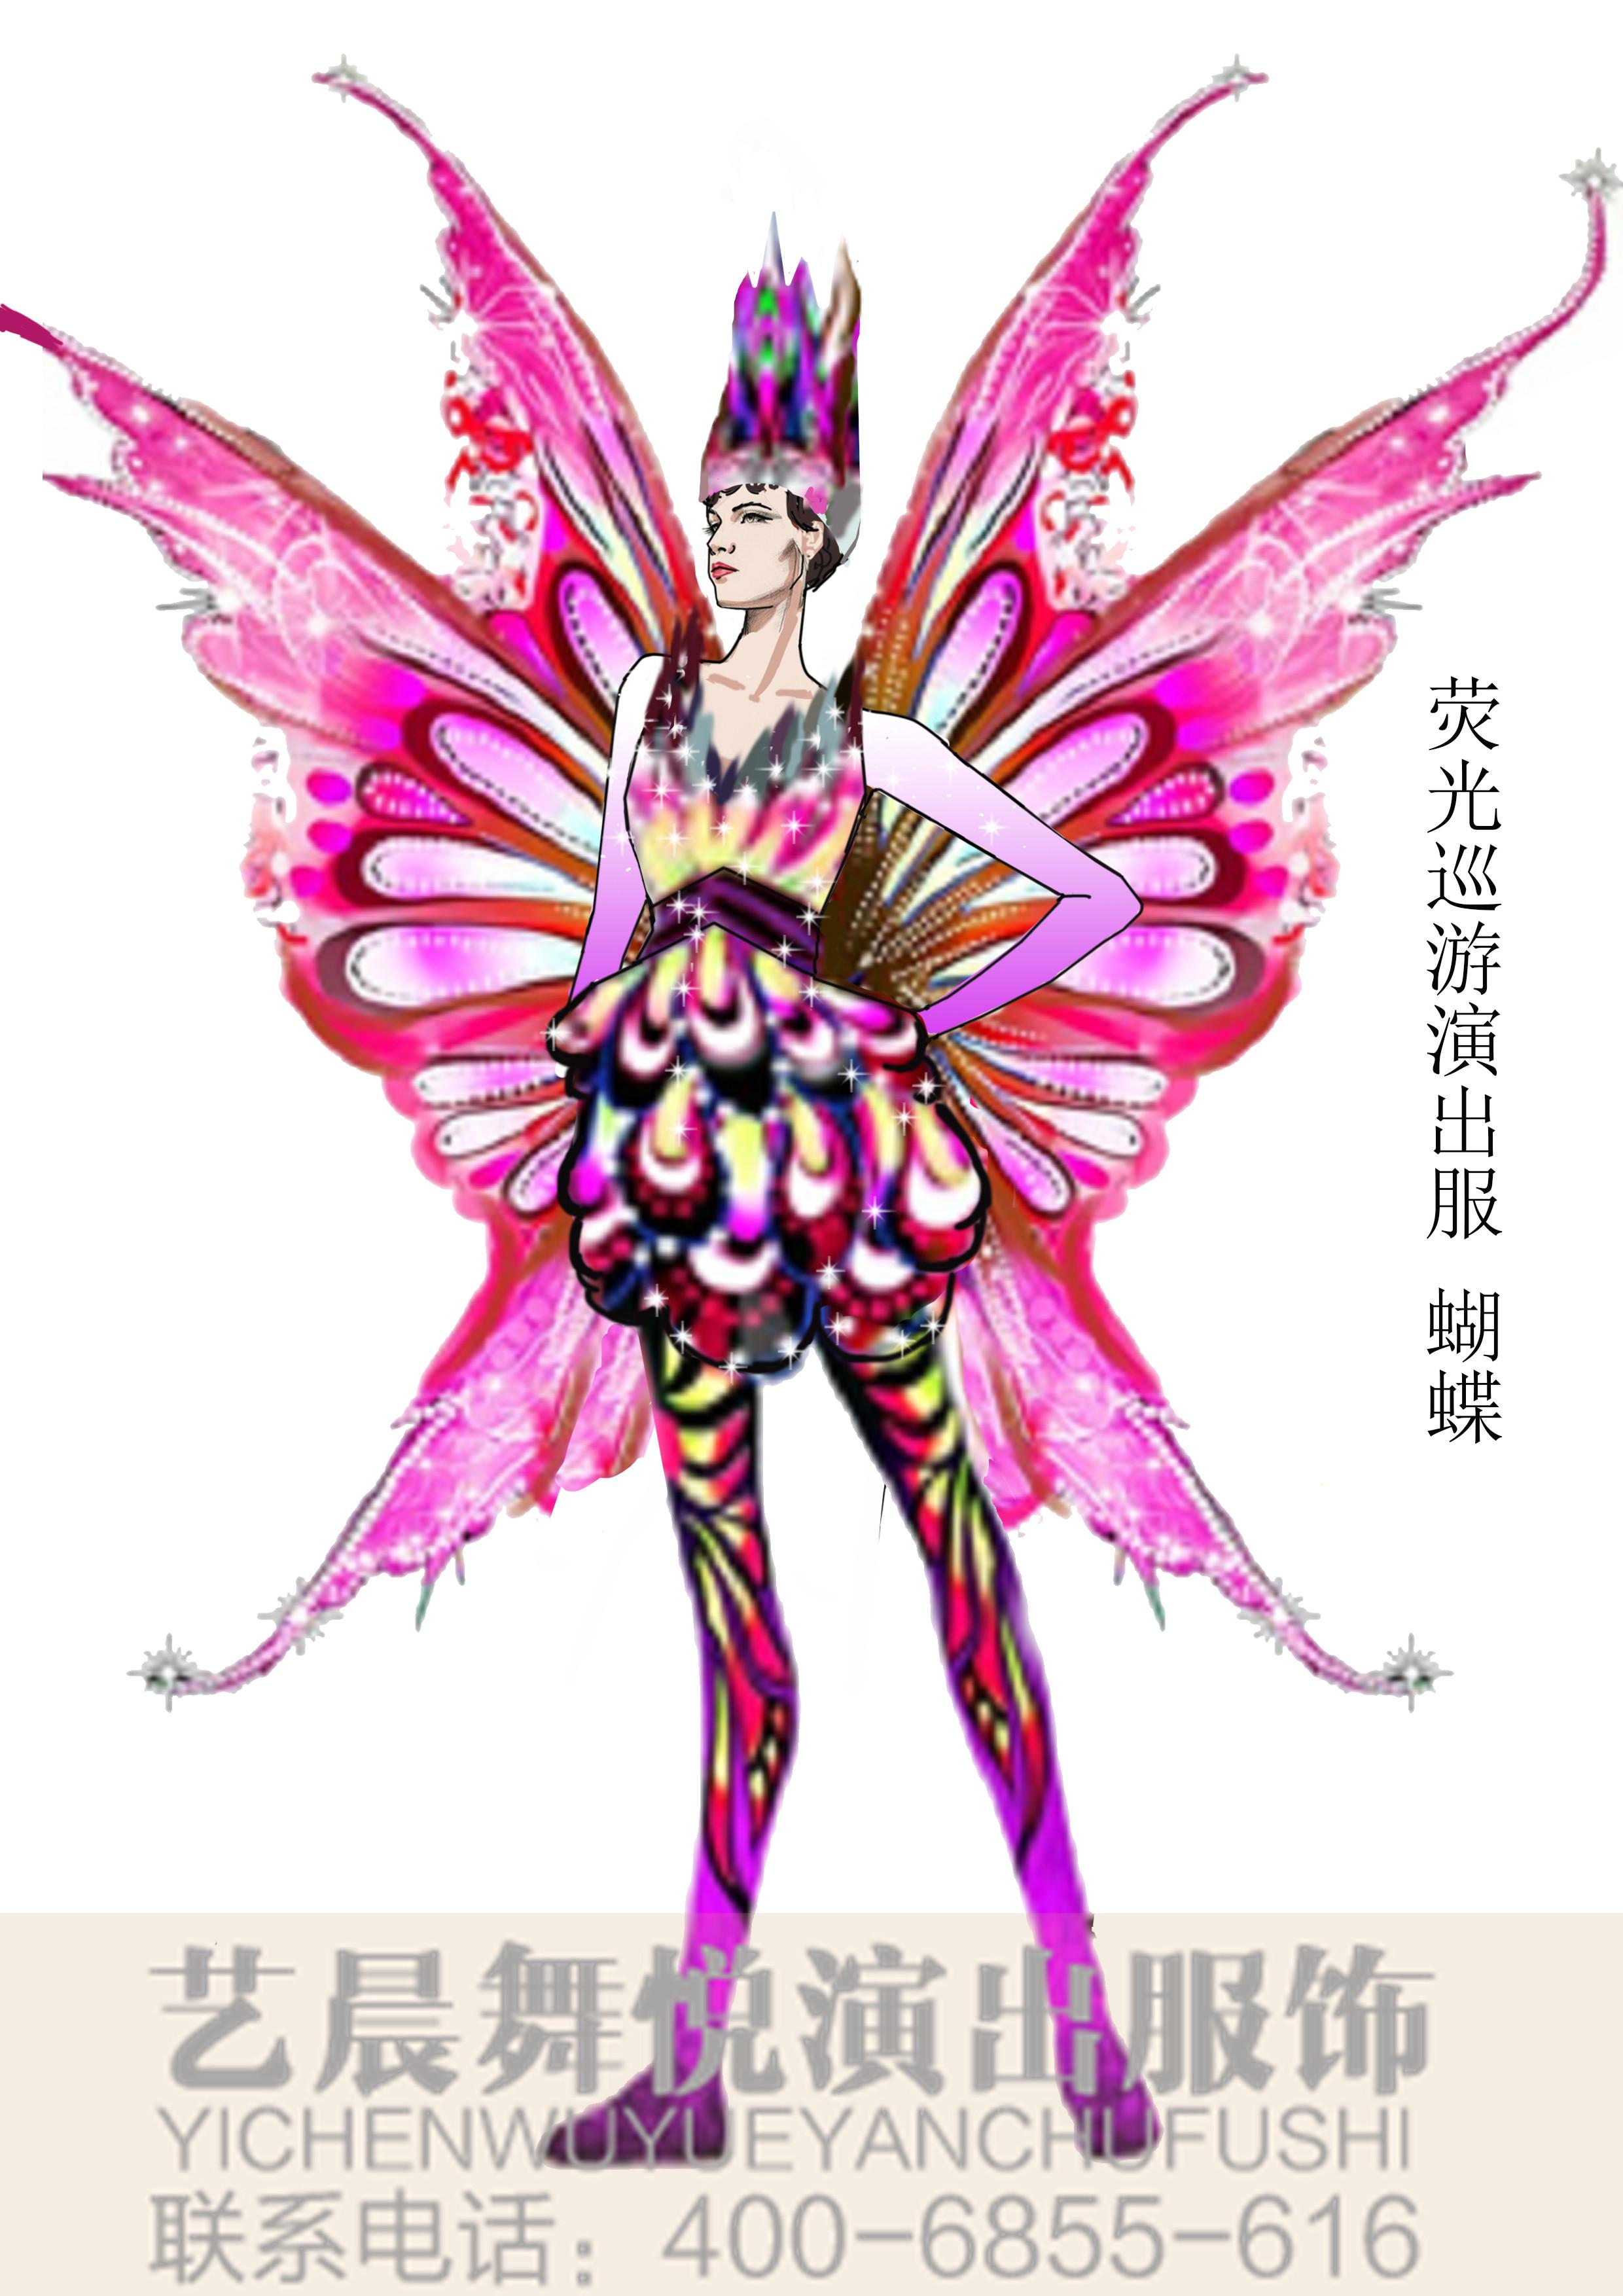 荧光巡游蝴蝶演出服装定制巡游景区服装设计!